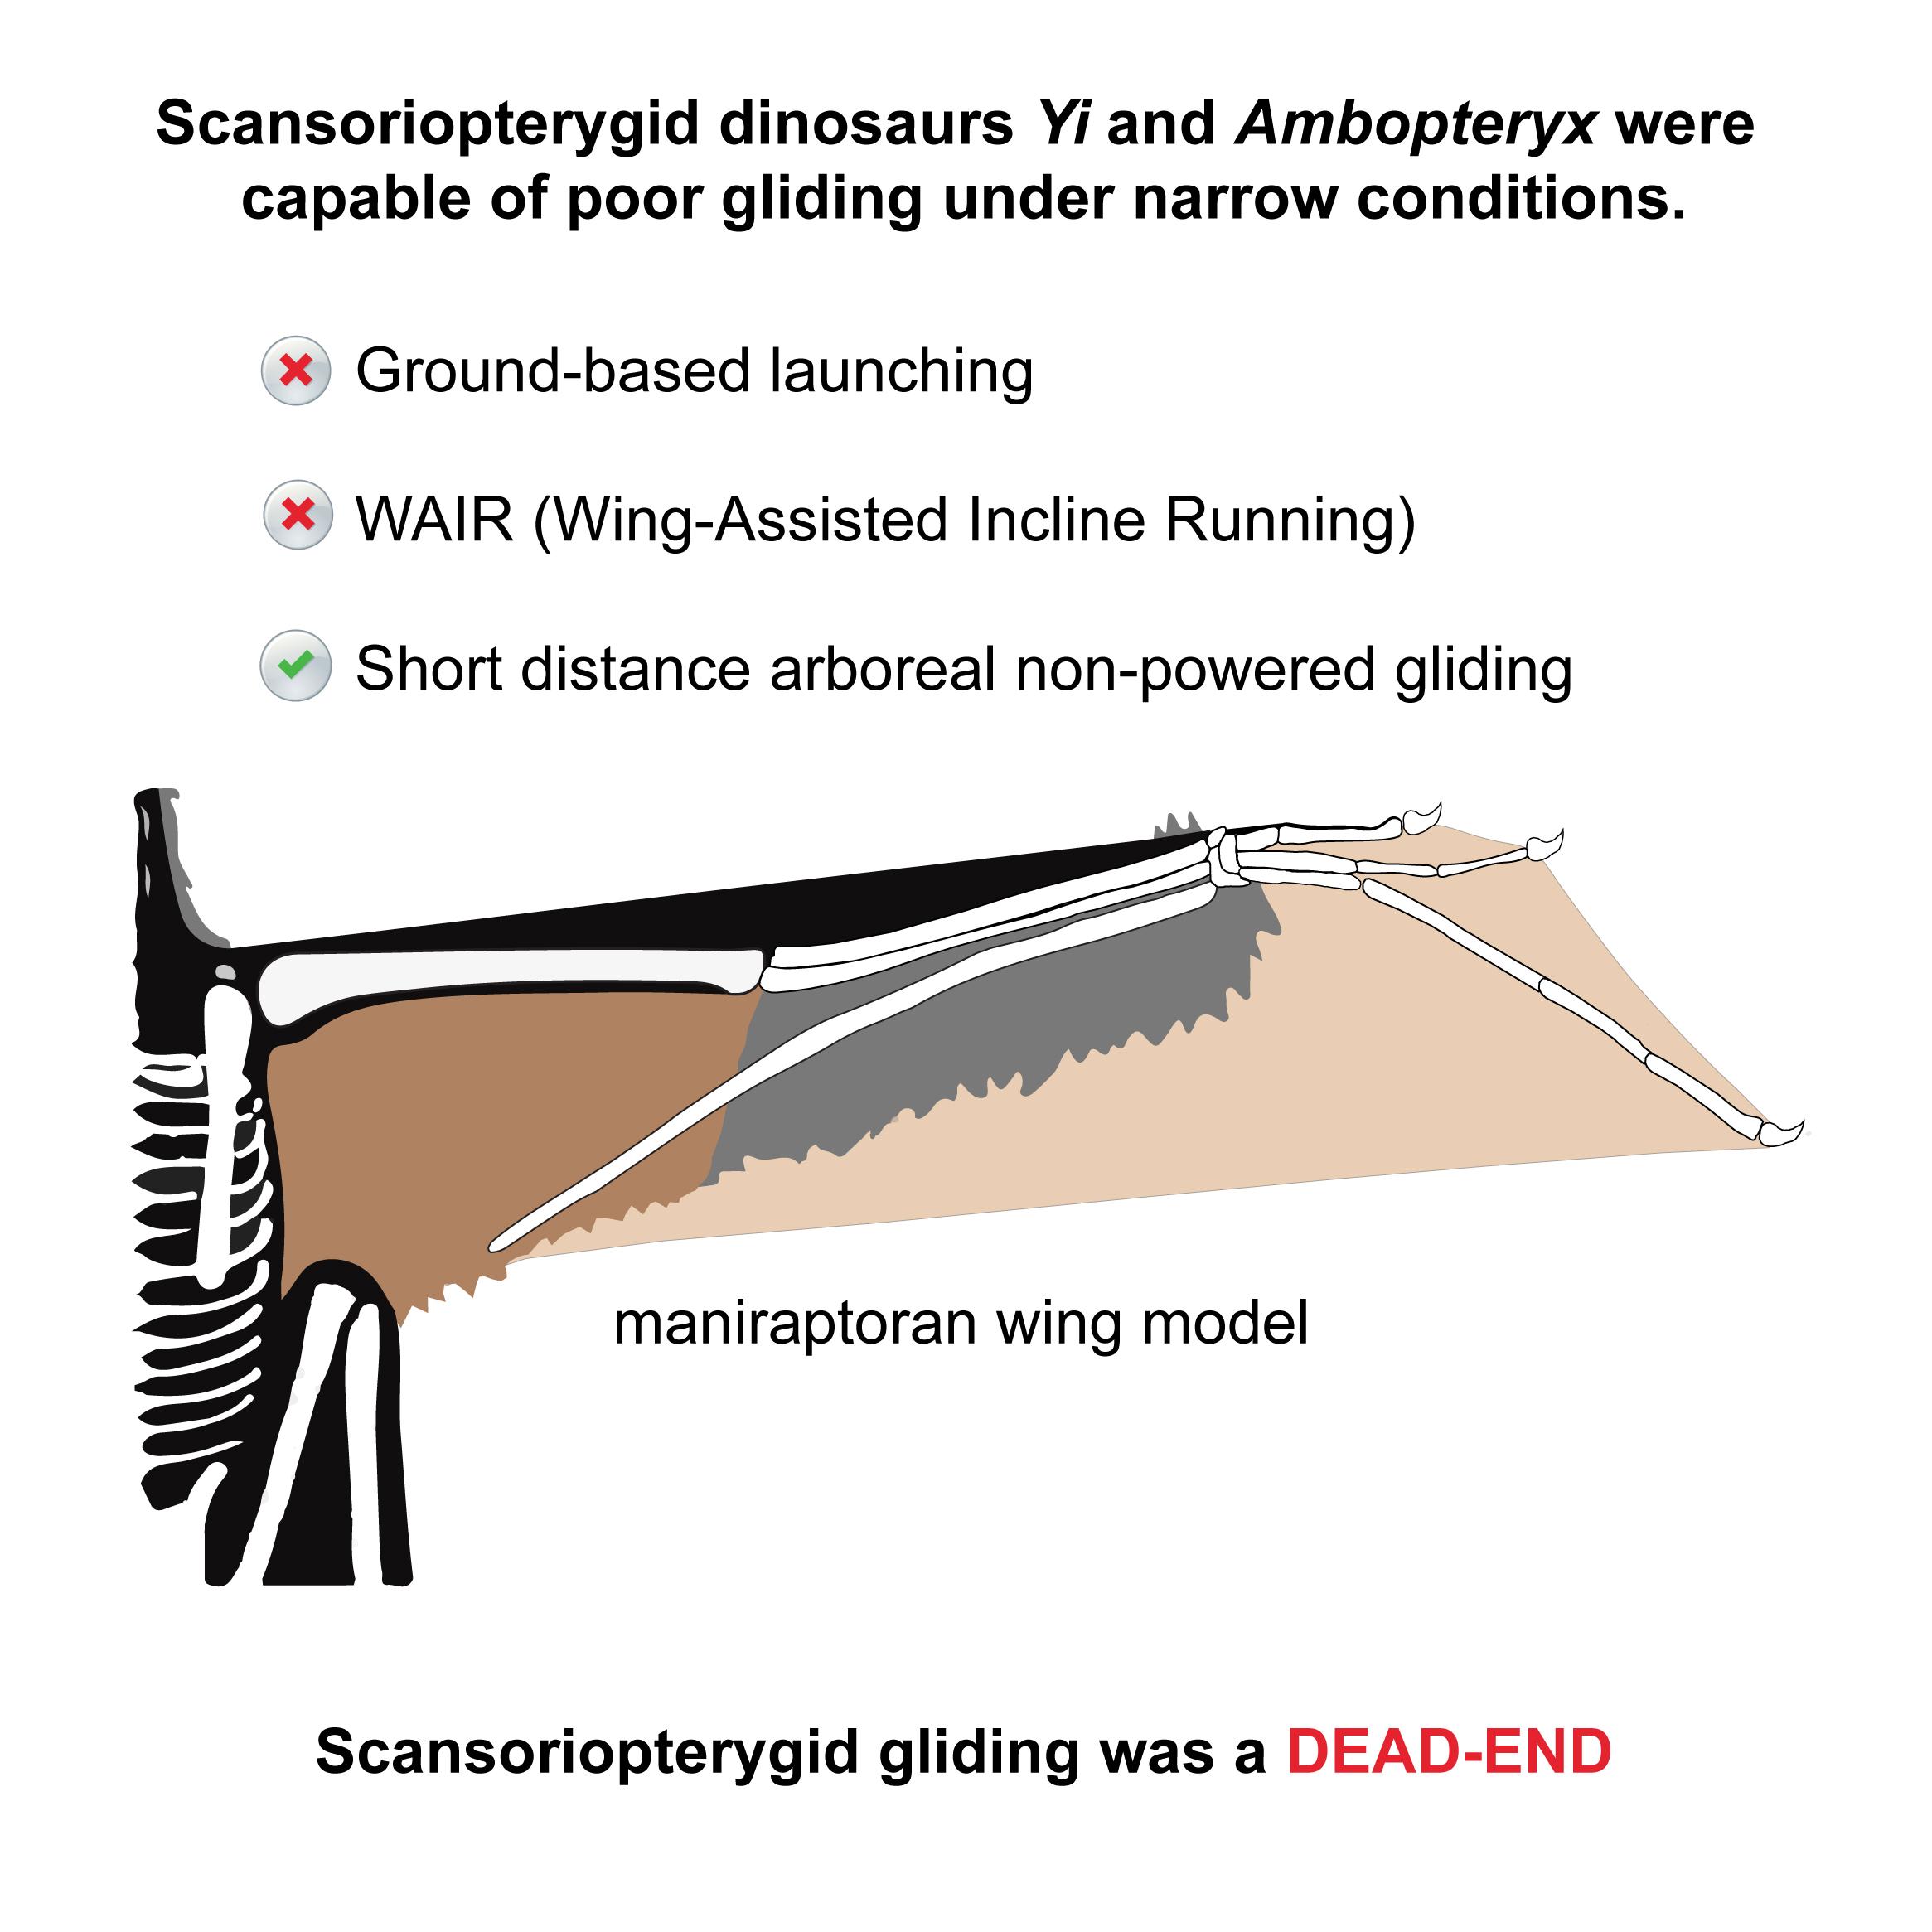 今回の研究の主要な発見。予想される翼膜や筋肉の配置からイーは羽ばたいたり長距離の滑空はできなかったと考えられる。